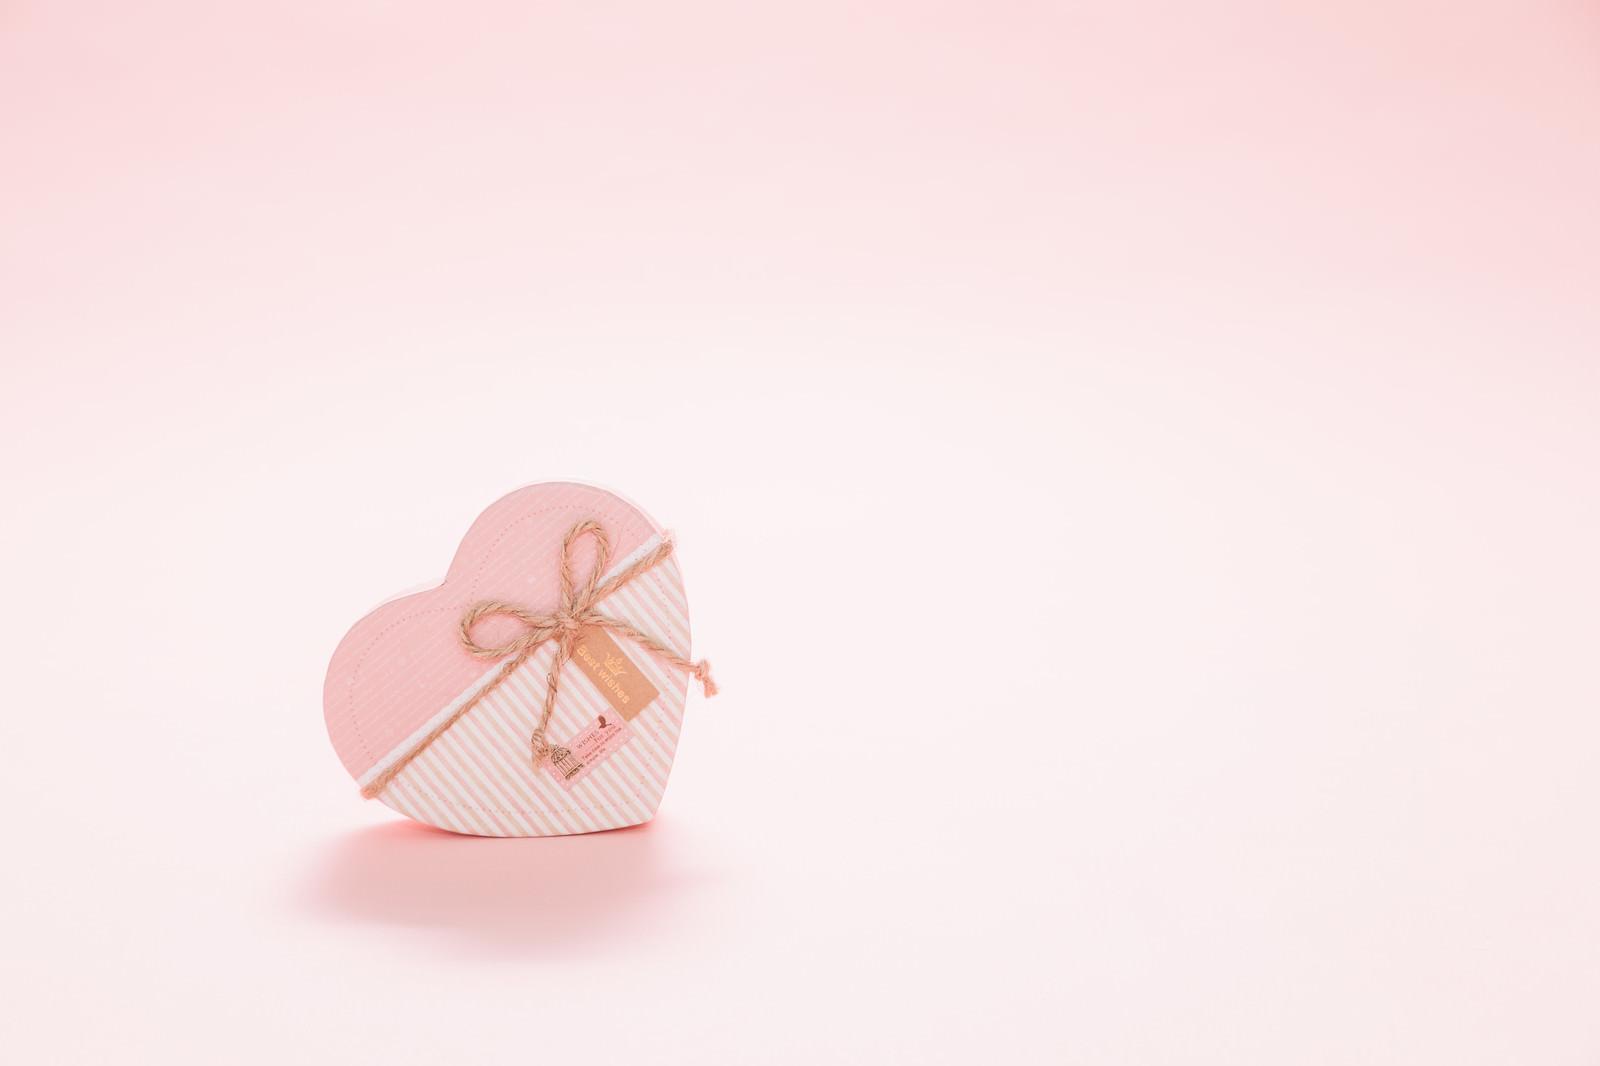 「バレンタインデーにハートのプレゼント」